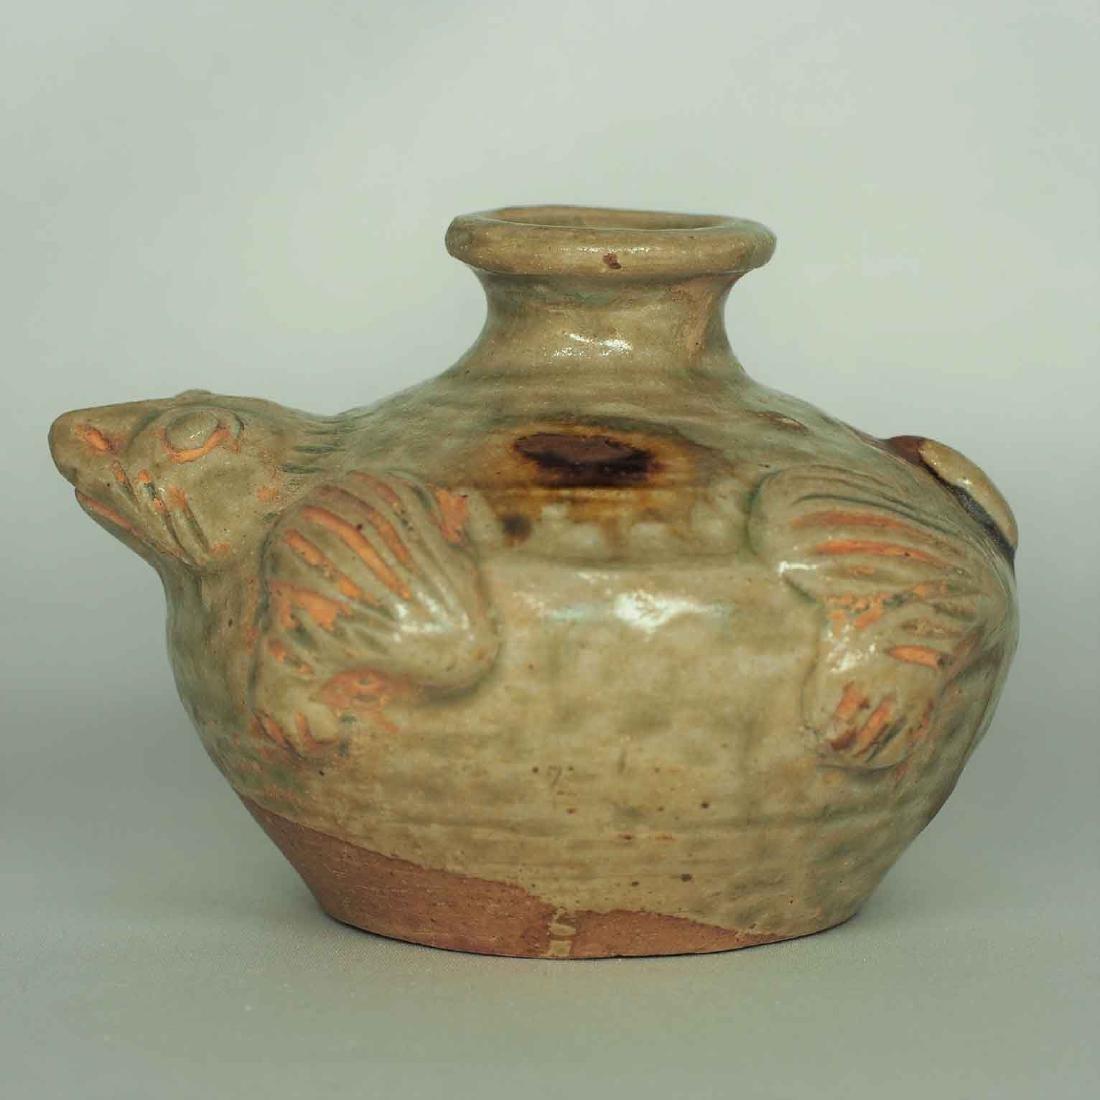 Yue Turtle-form Water Pot, Eastern Jin Dynasty - 3